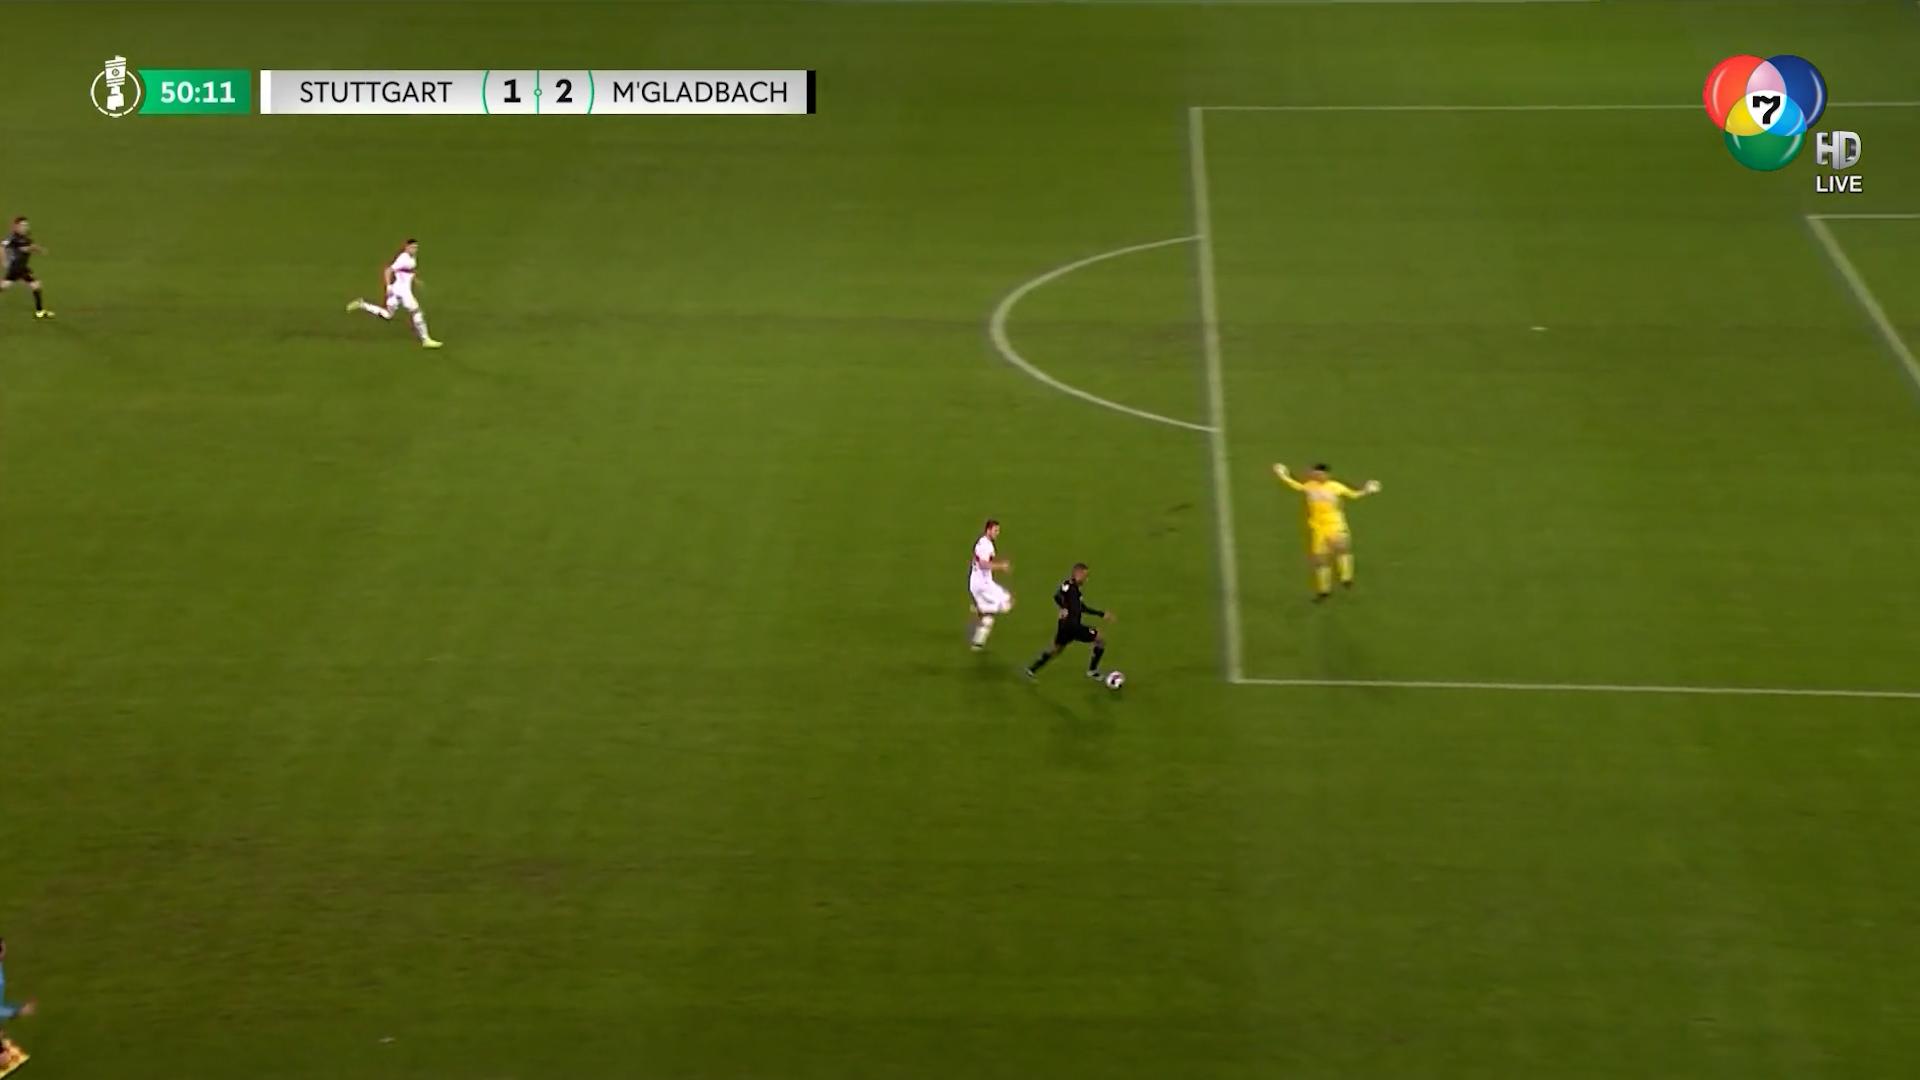 ไฮไลต์ฟุตบอลเดเอฟเบ โพคาล สตุตการ์ต 1-2 โบรุสเซีย มึนเชนกลัดบัค